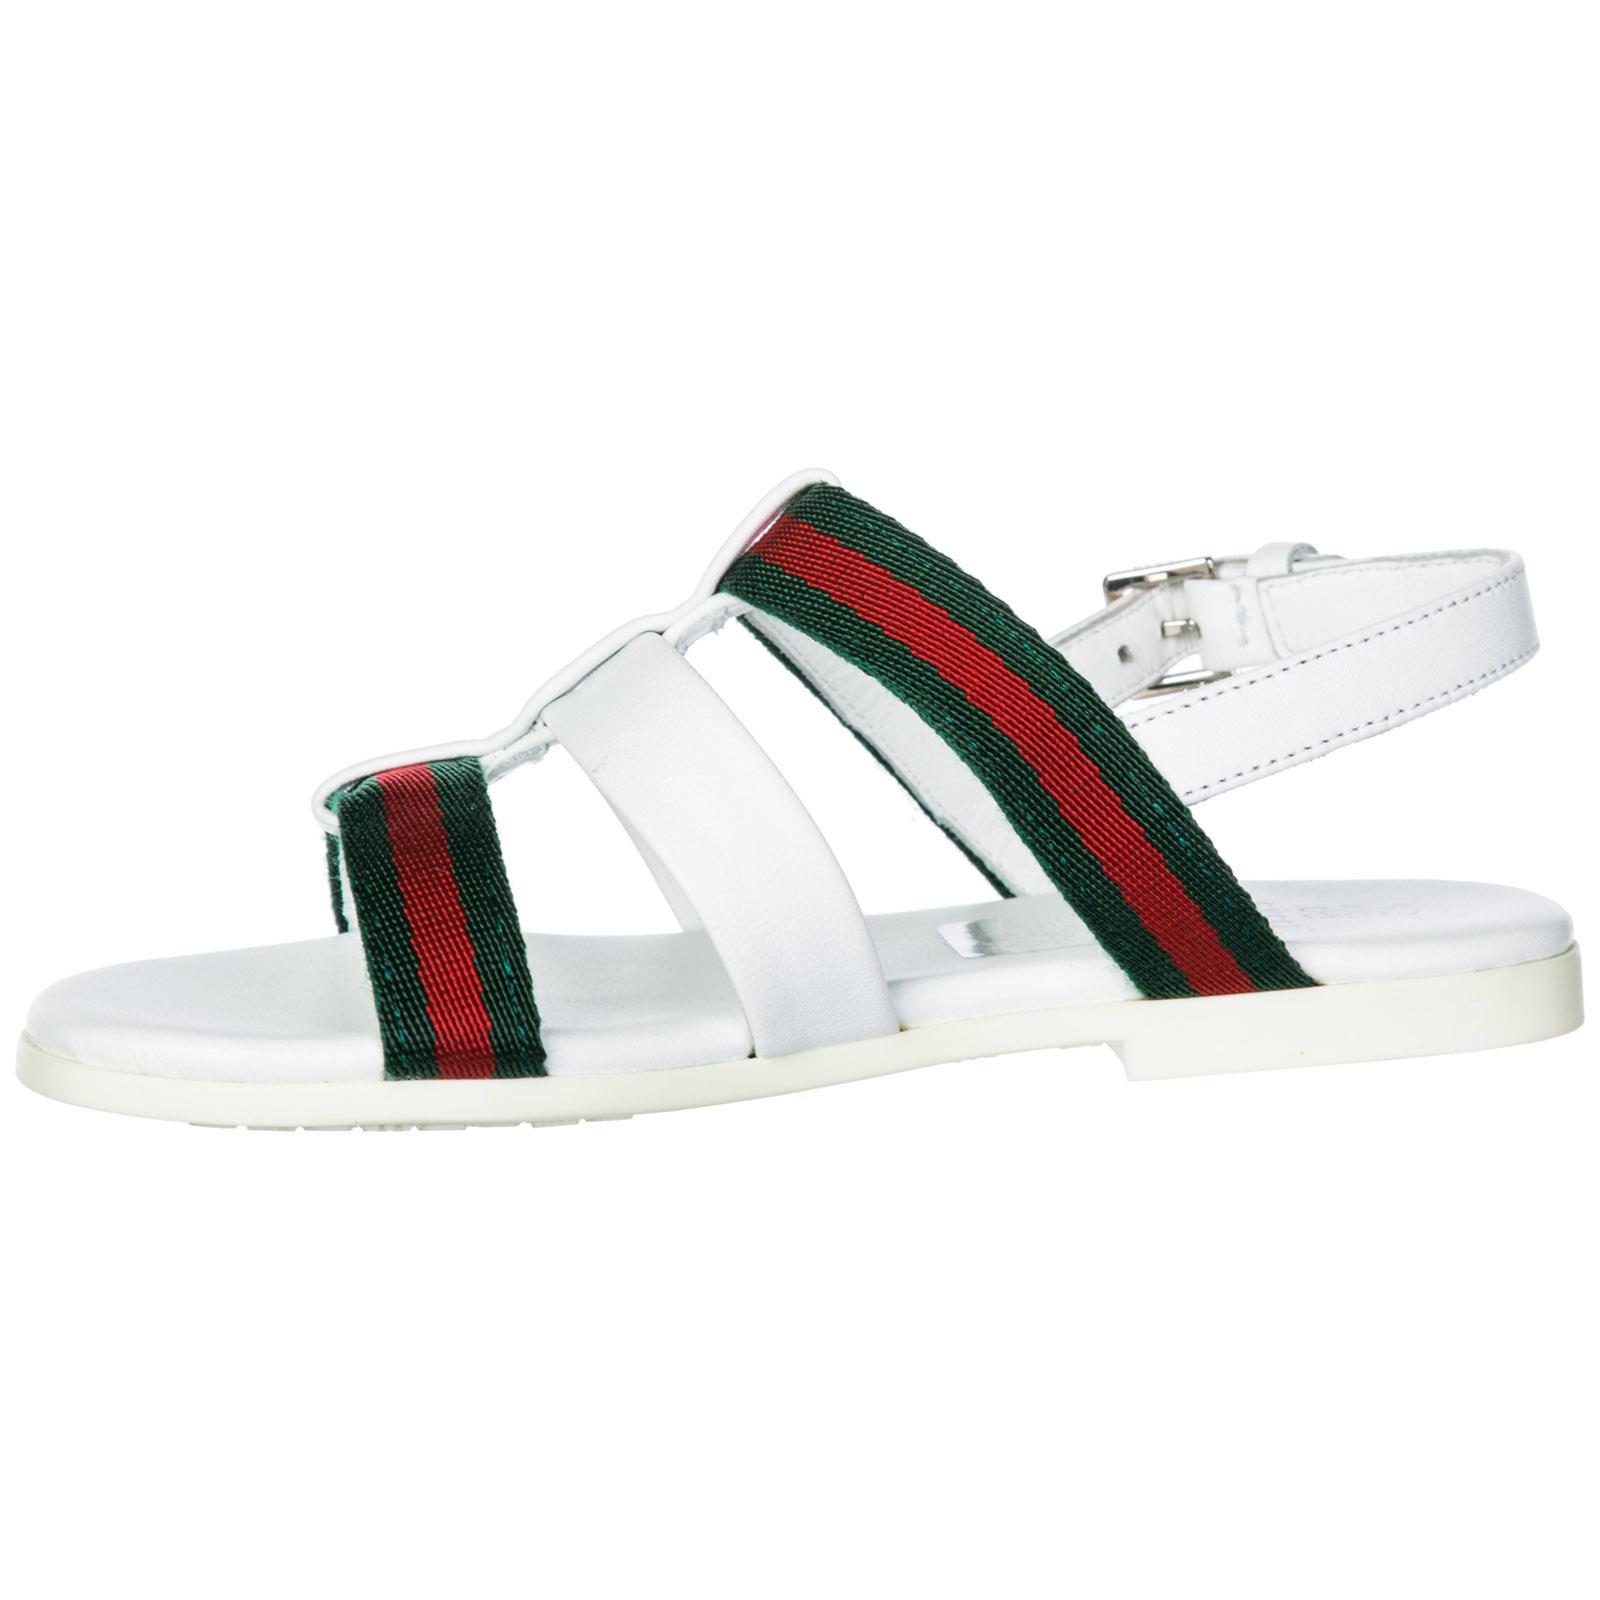 ea0cc4ec2997 Sandals Gucci 340833ANB209061 bianco